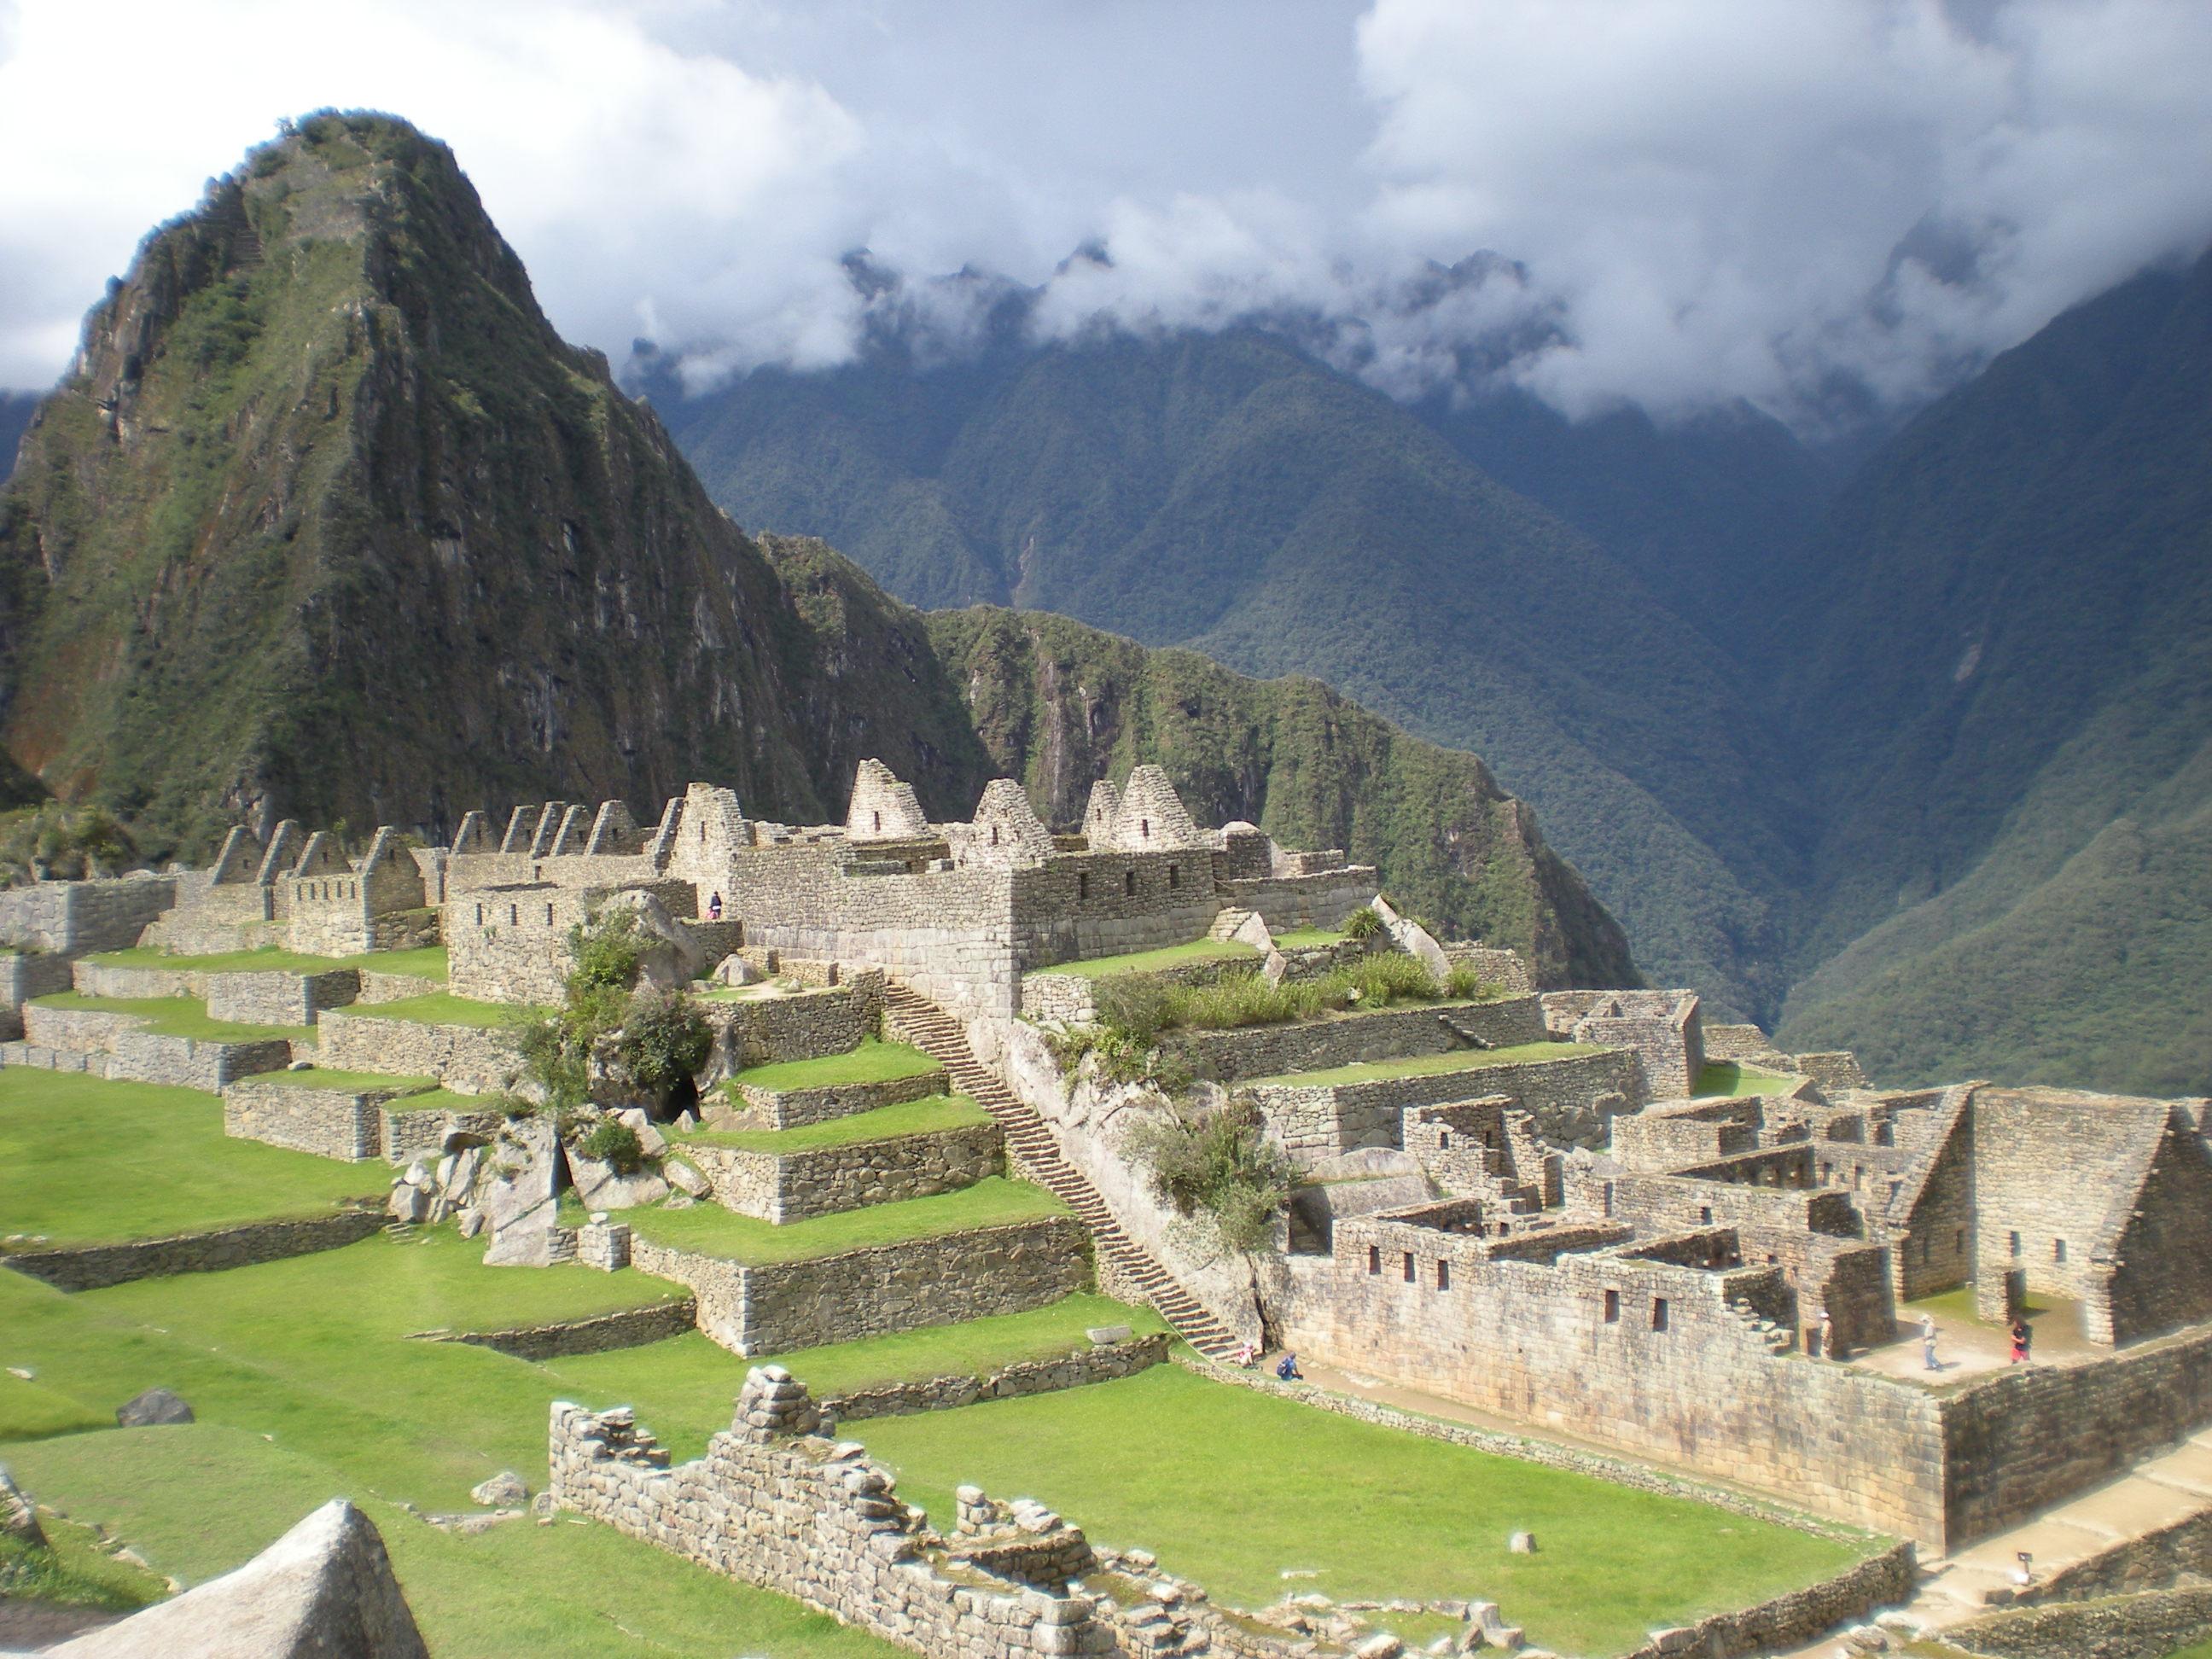 秘魯 Peru 馬丘比丘 Machu Picchu 沾衣欲濕杏花雨